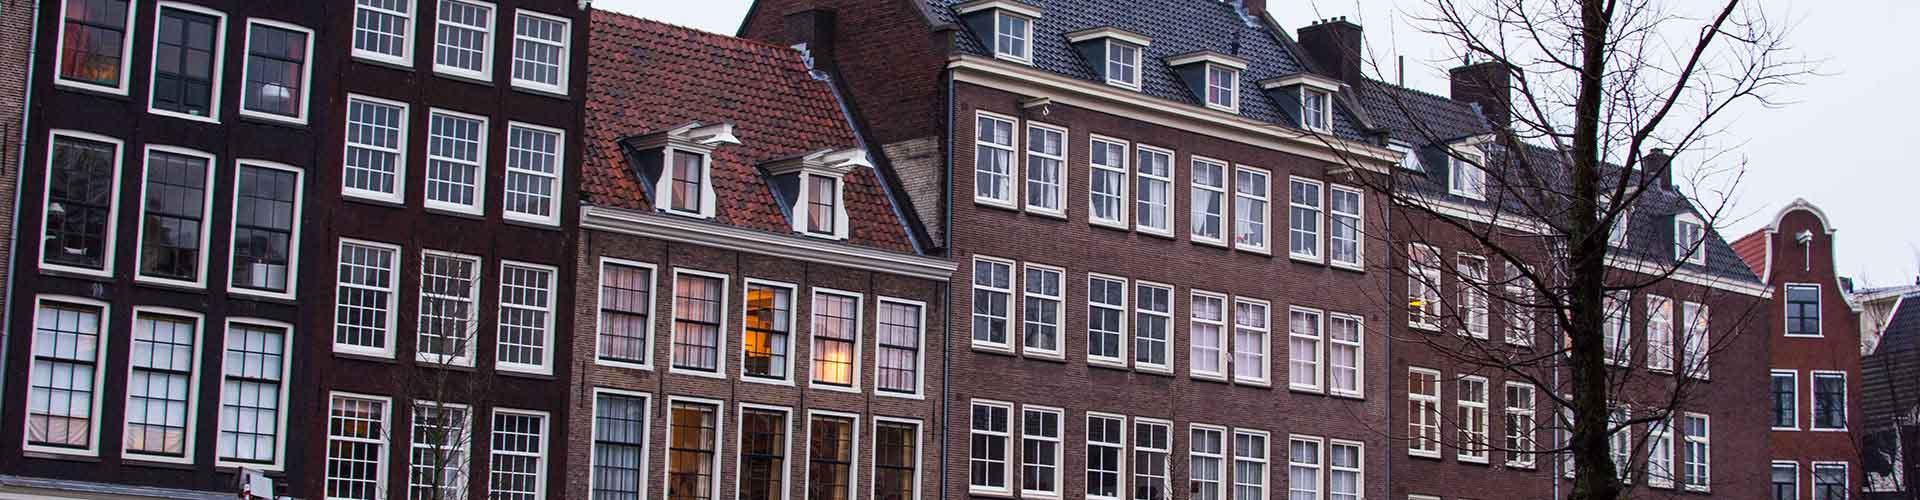 암스테르담 - 앤 프랭크 하우스에 가까운 아파트. 암스테르담의 지도, 암스테르담에 위치한 아파트에 대한 사진 및 리뷰.